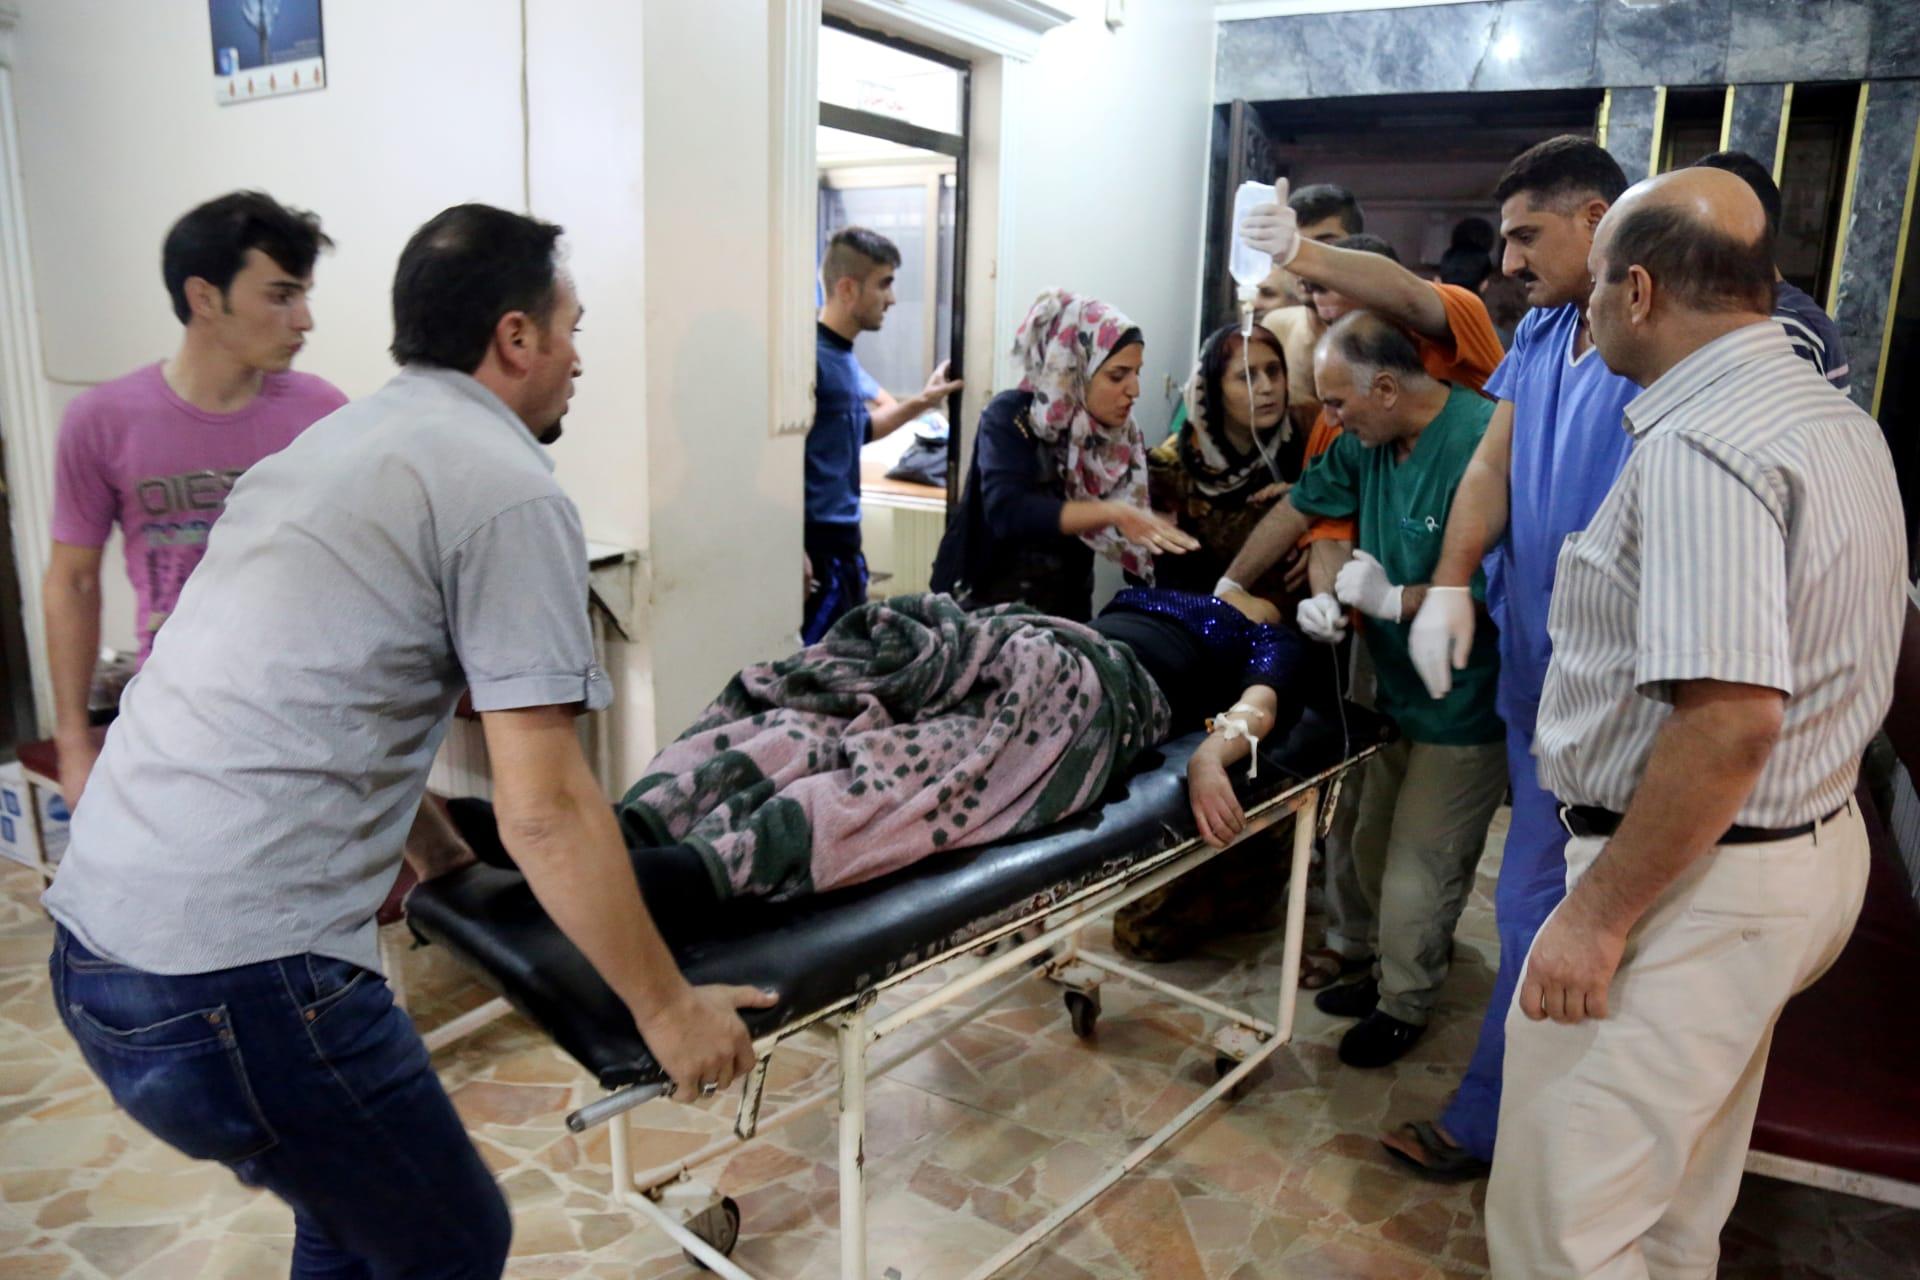 داعش يتبنى تفجيراً انتحاريًا بحفل زفاف كردي بسوريا